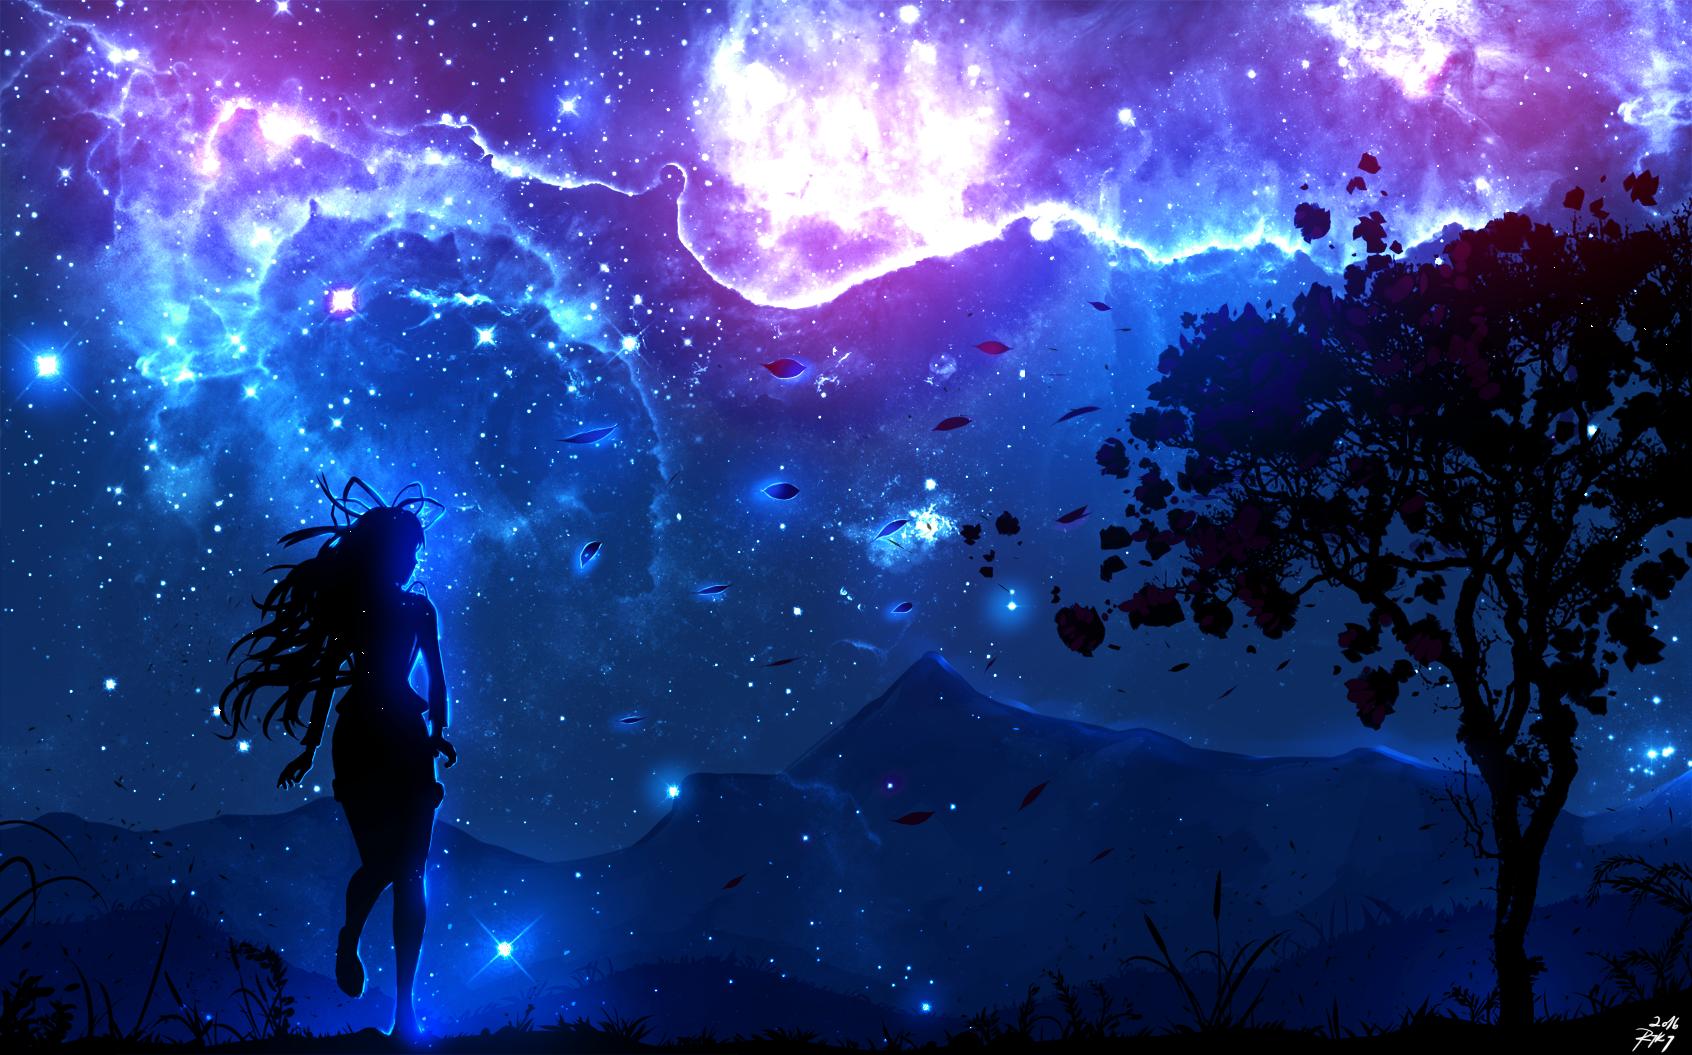 Wallpaper trees landscape illustration digital art night anime girls sky nebula - Midnight wallpaper hd ...